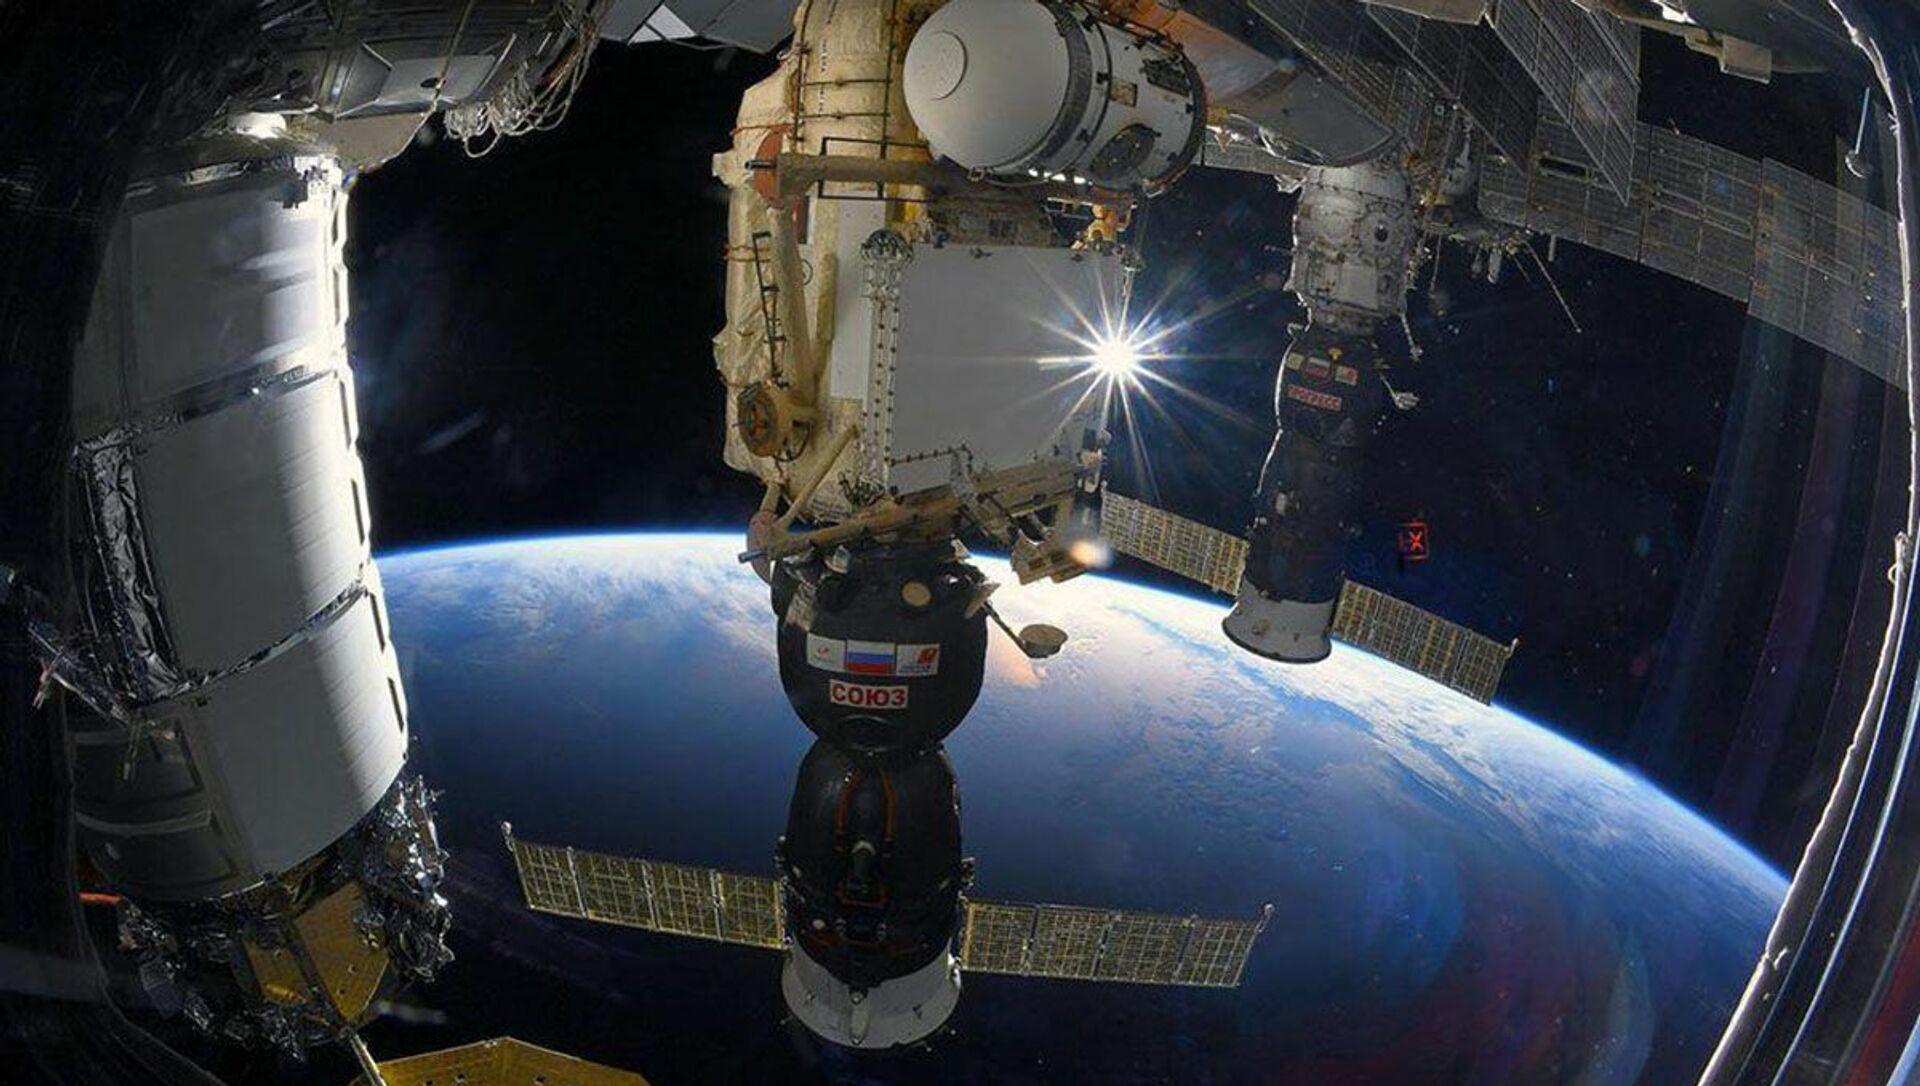 Loď Sojuz MS připojený k Mezinárodní vesmírné stanici. Ilustrační foto - Sputnik Česká republika, 1920, 27.03.2021